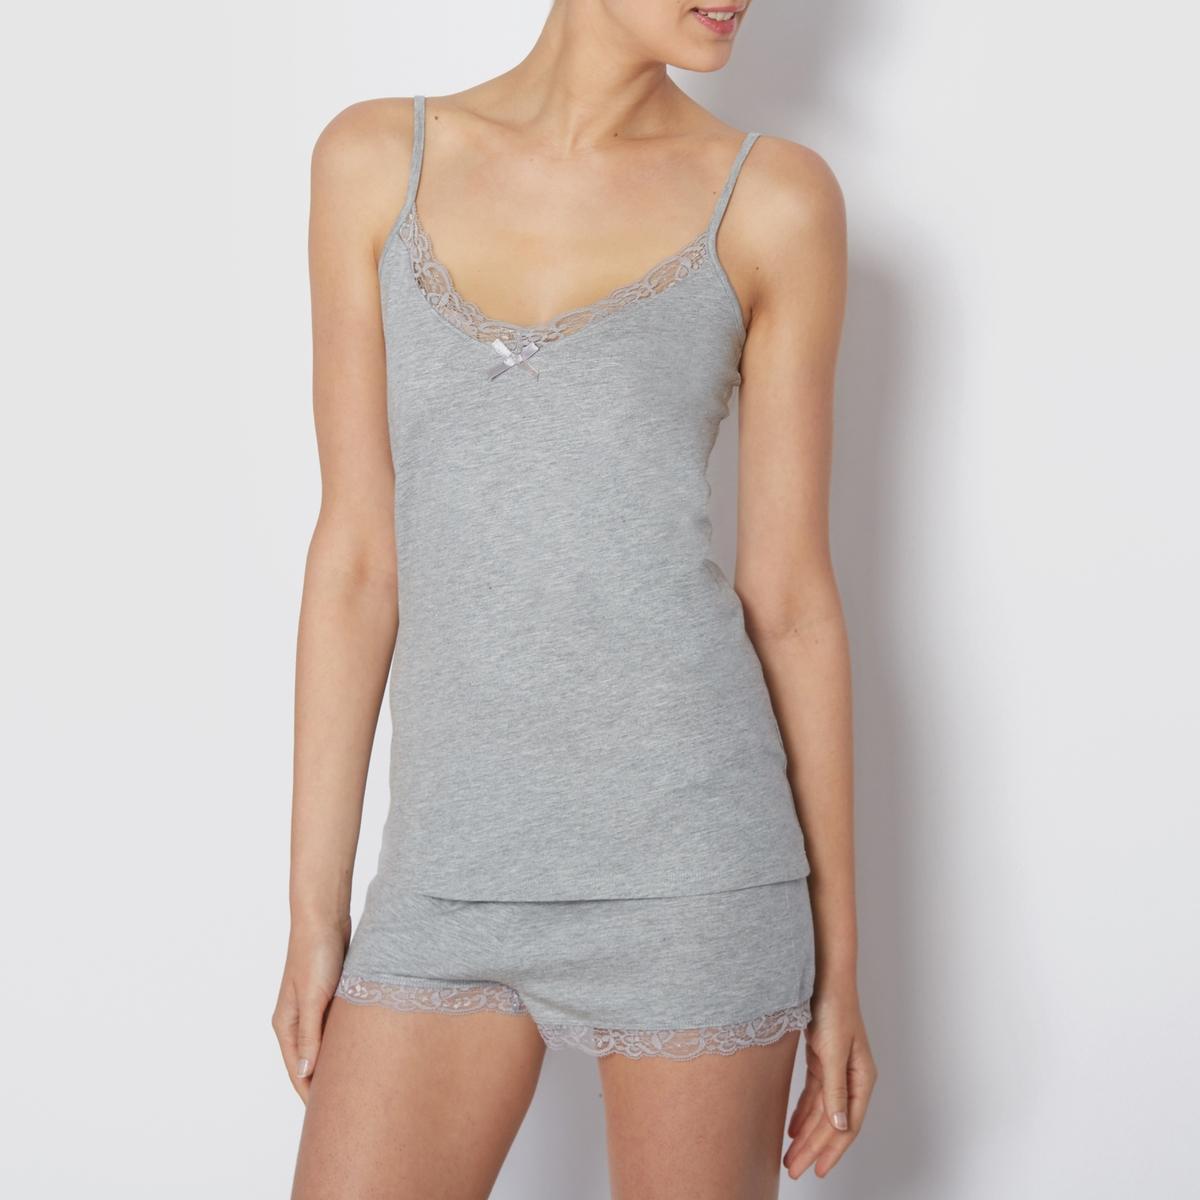 Пижама с шортами*Международный знак Oeko-Tex гарантирует отсутствие вредных и раздражающих кожу веществ.<br><br>Цвет: серый меланж